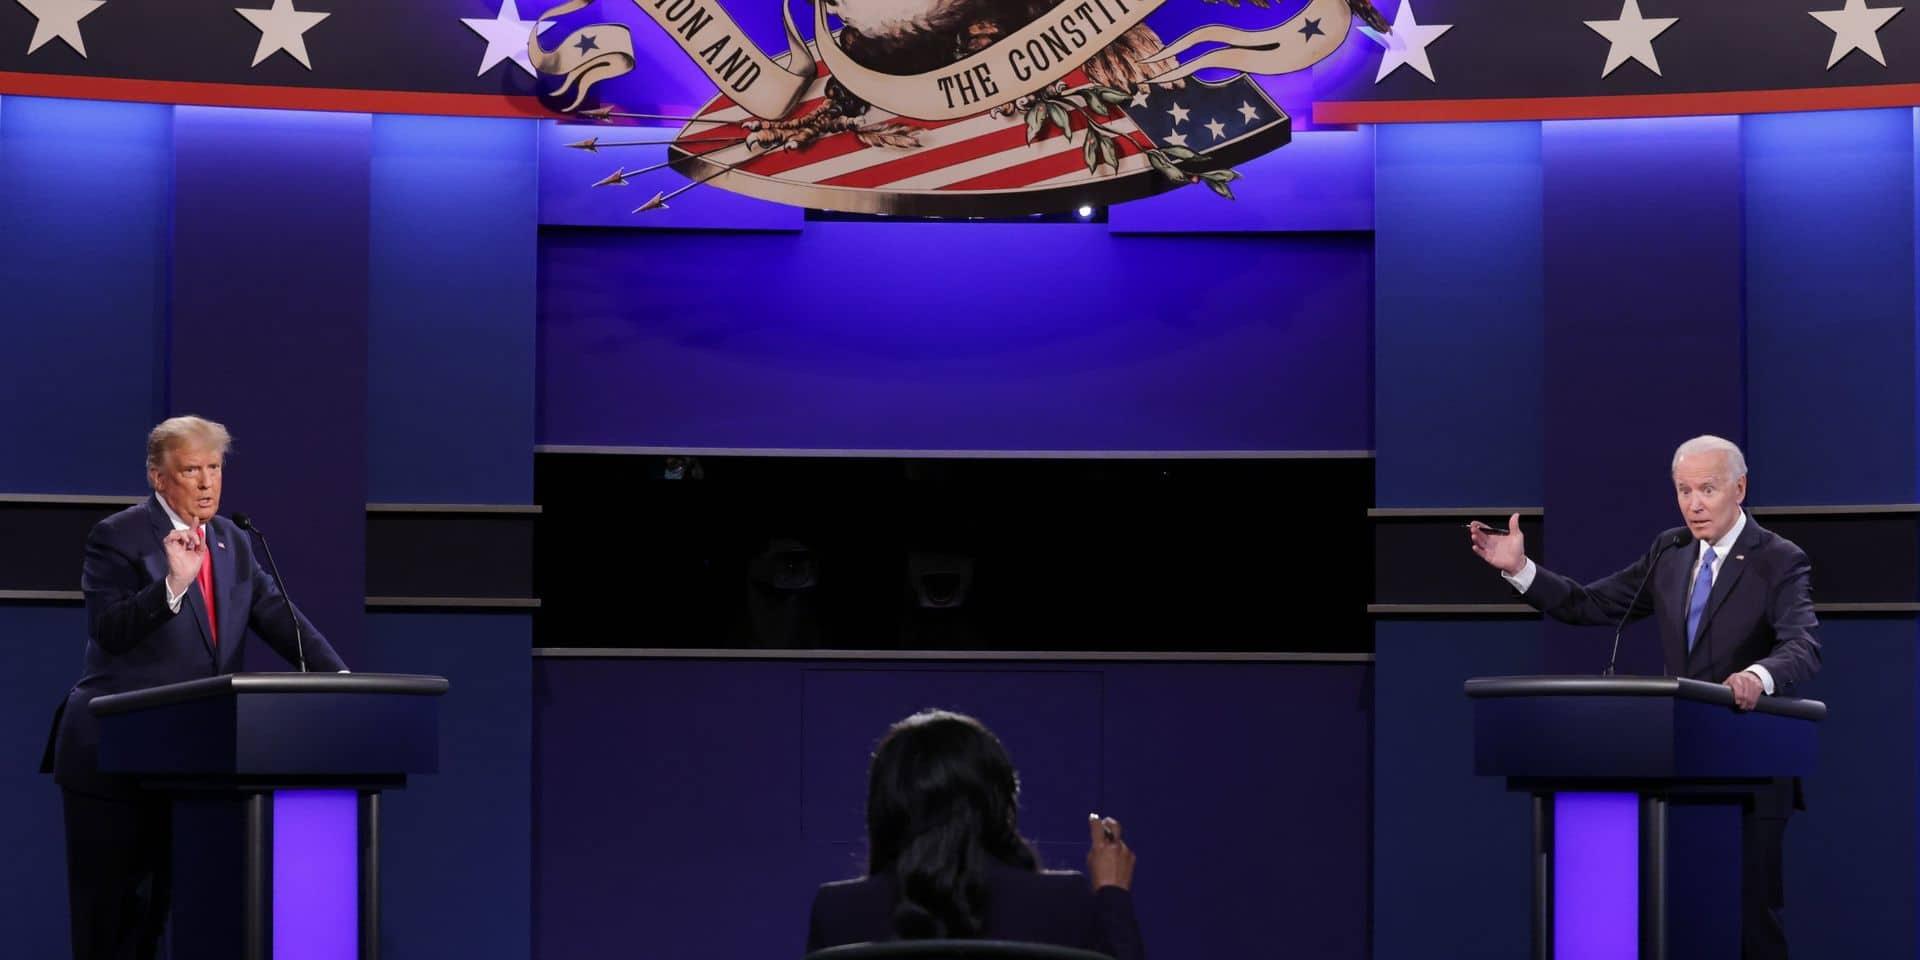 À quatre jours de l'élection présidentielle, qui de Donald Trump ou Joe Biden est en tête des derniers sondages?